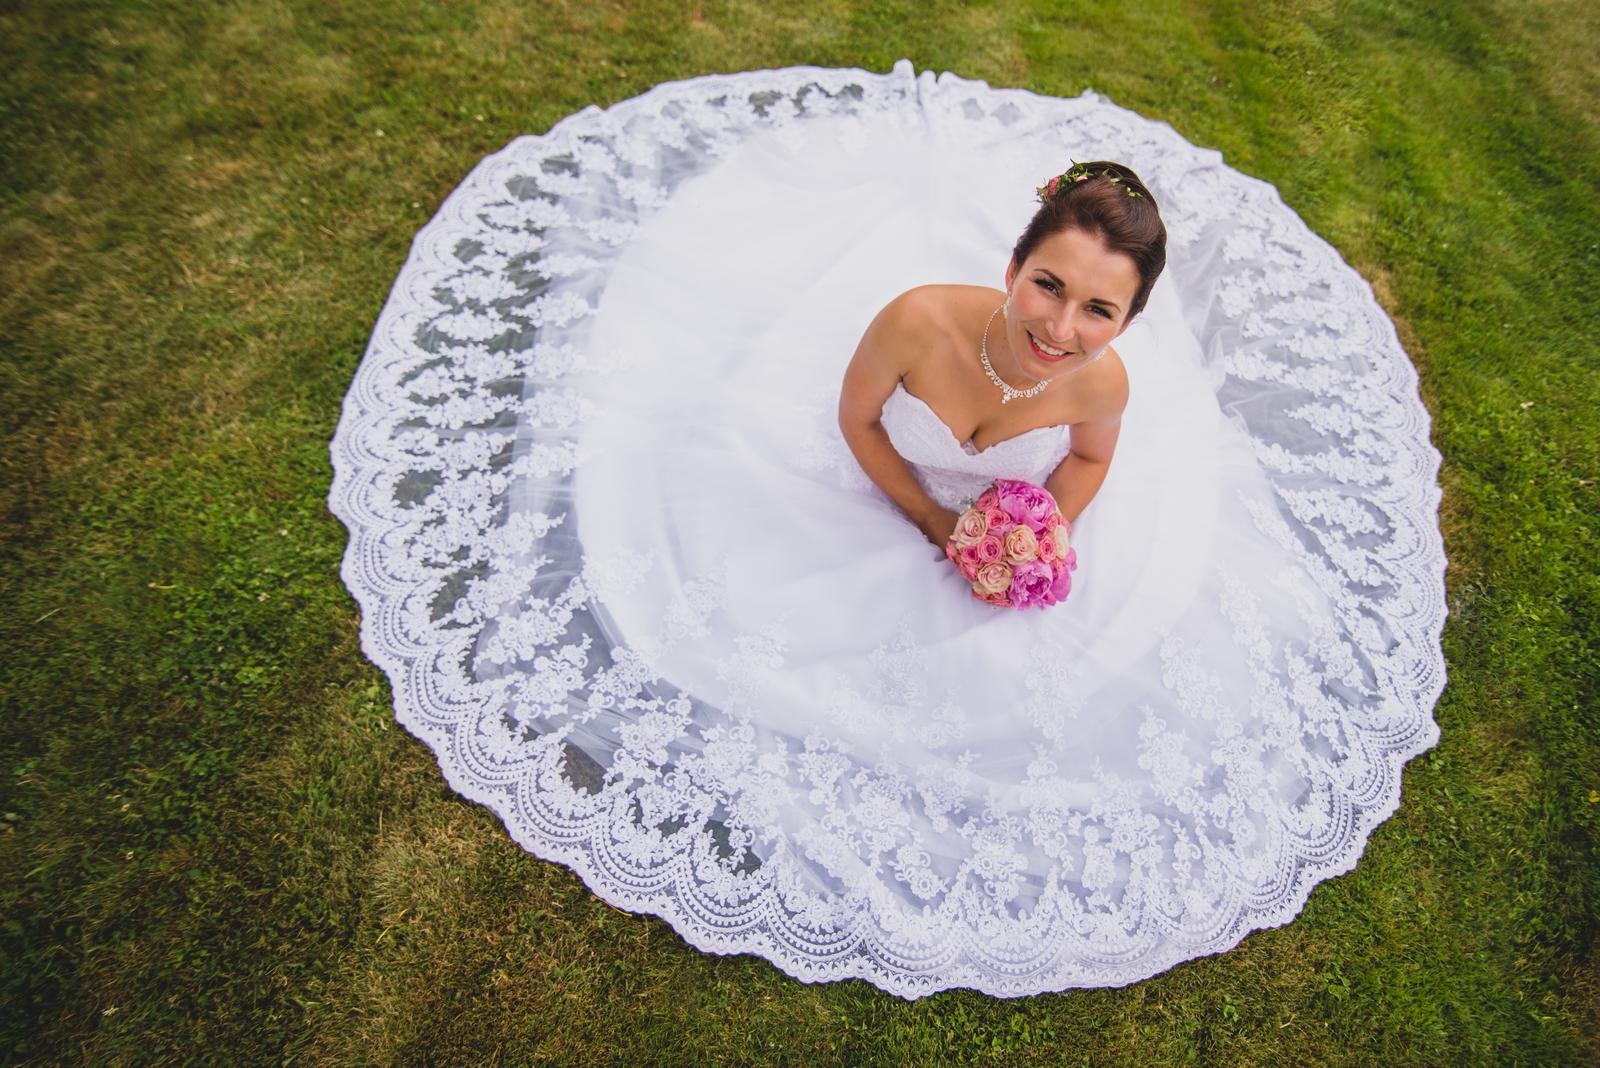 Krajkové svatební šaty šité na míru (38-42) - Obrázek č. 1